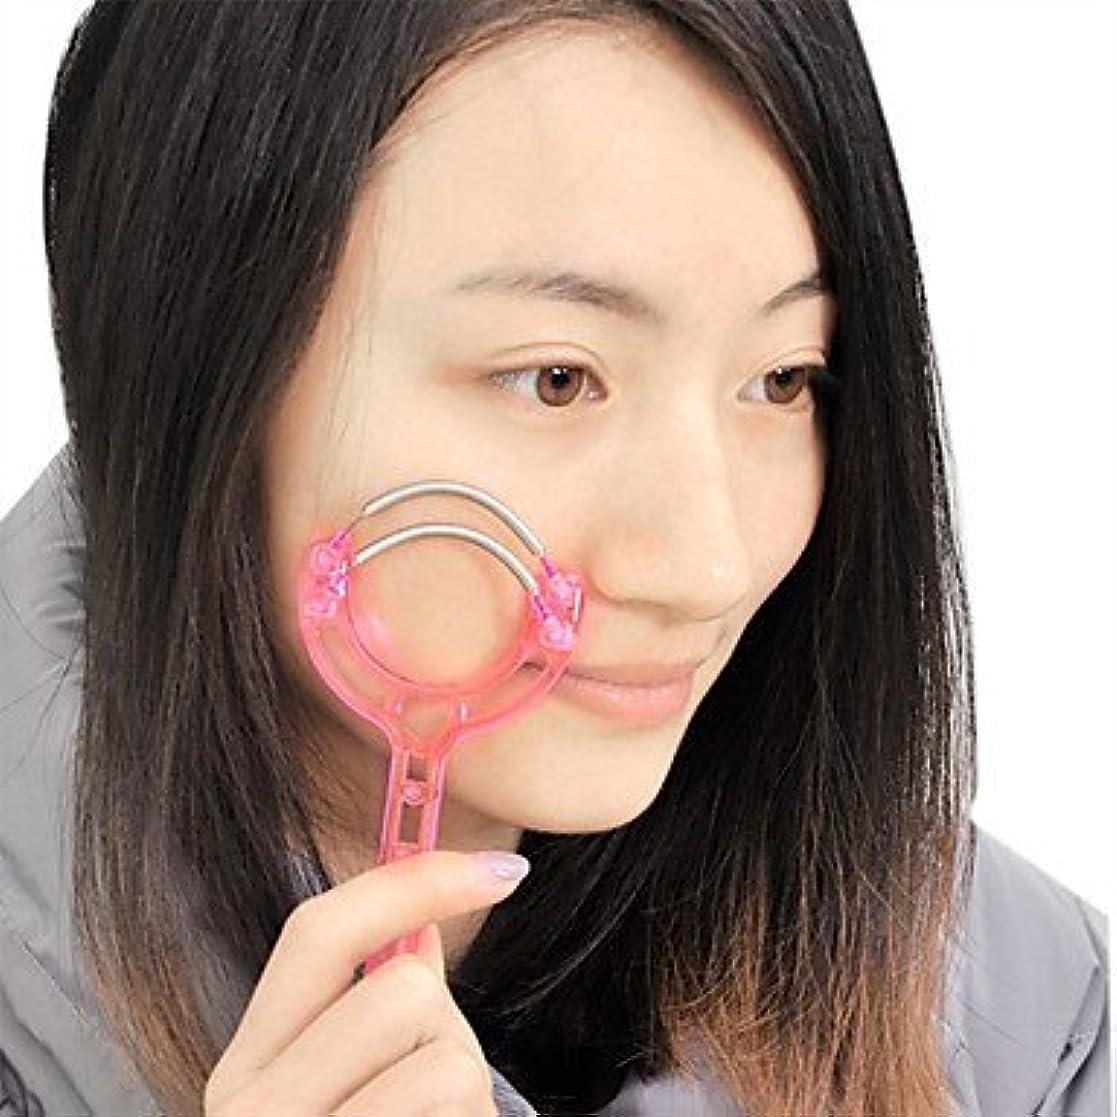 持っている証拠象GUANG-HOME 顔の顔の毛の除去剤のばねの取り外しの脱毛器の棒用具